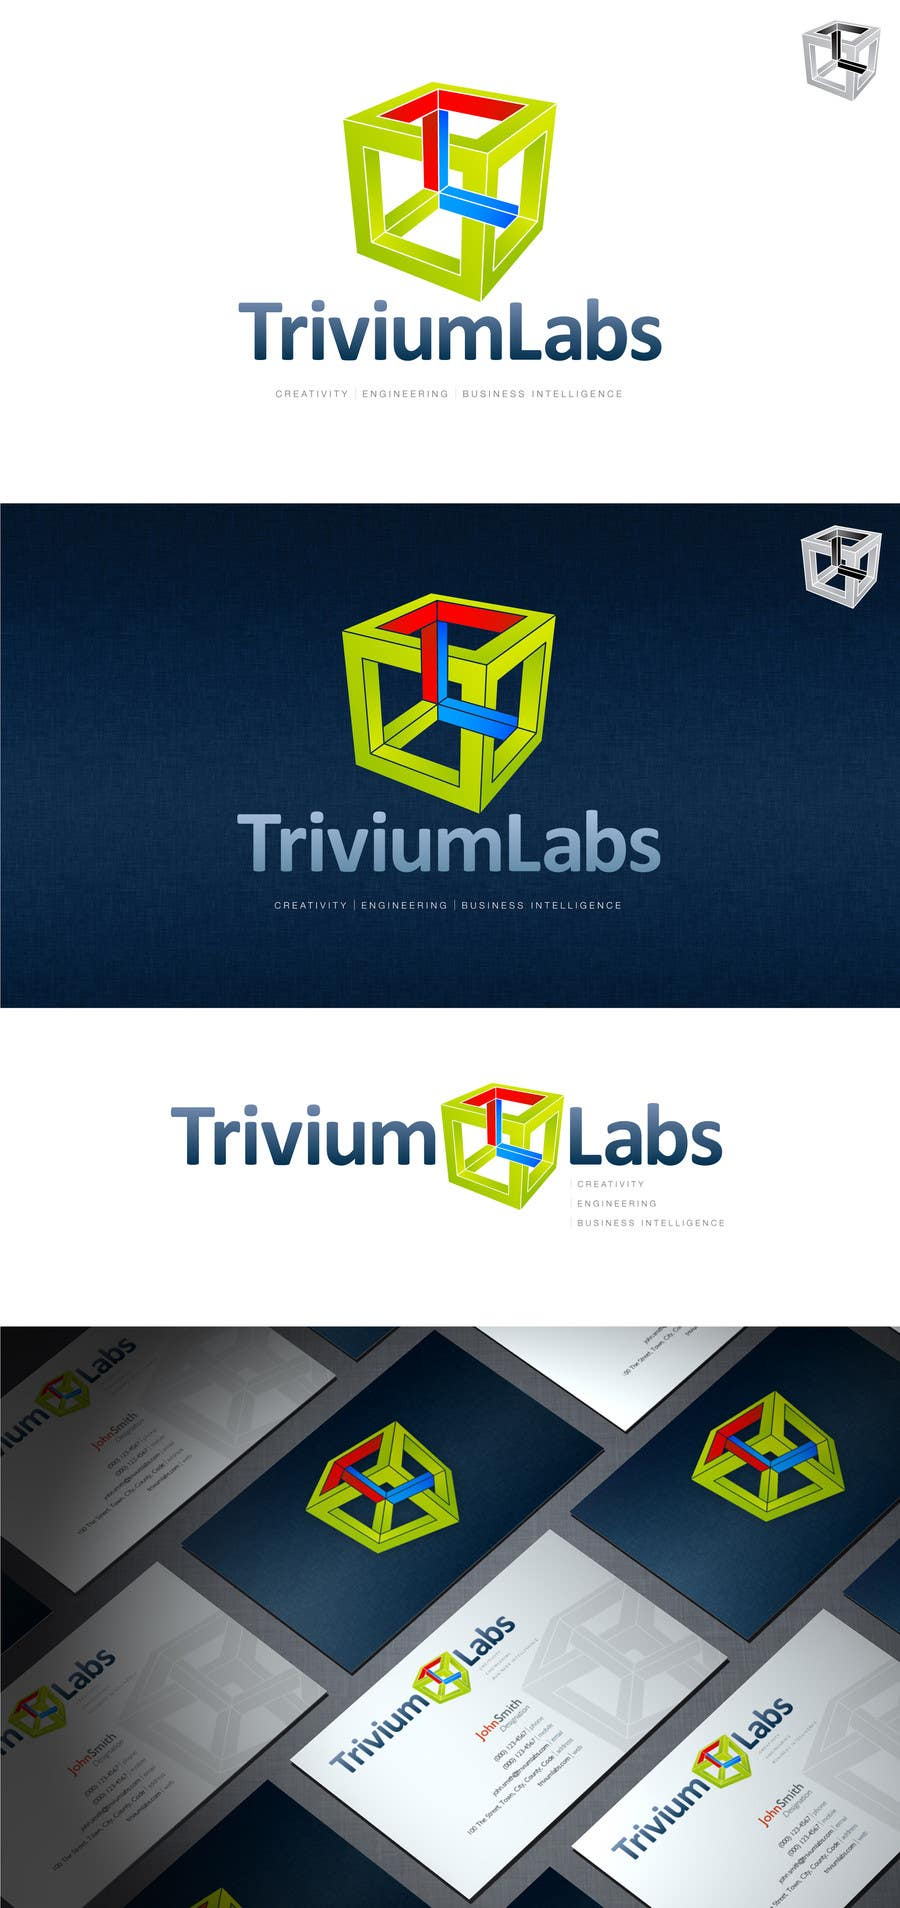 Penyertaan Peraduan #74 untuk Design a Logo for Trivium Labs